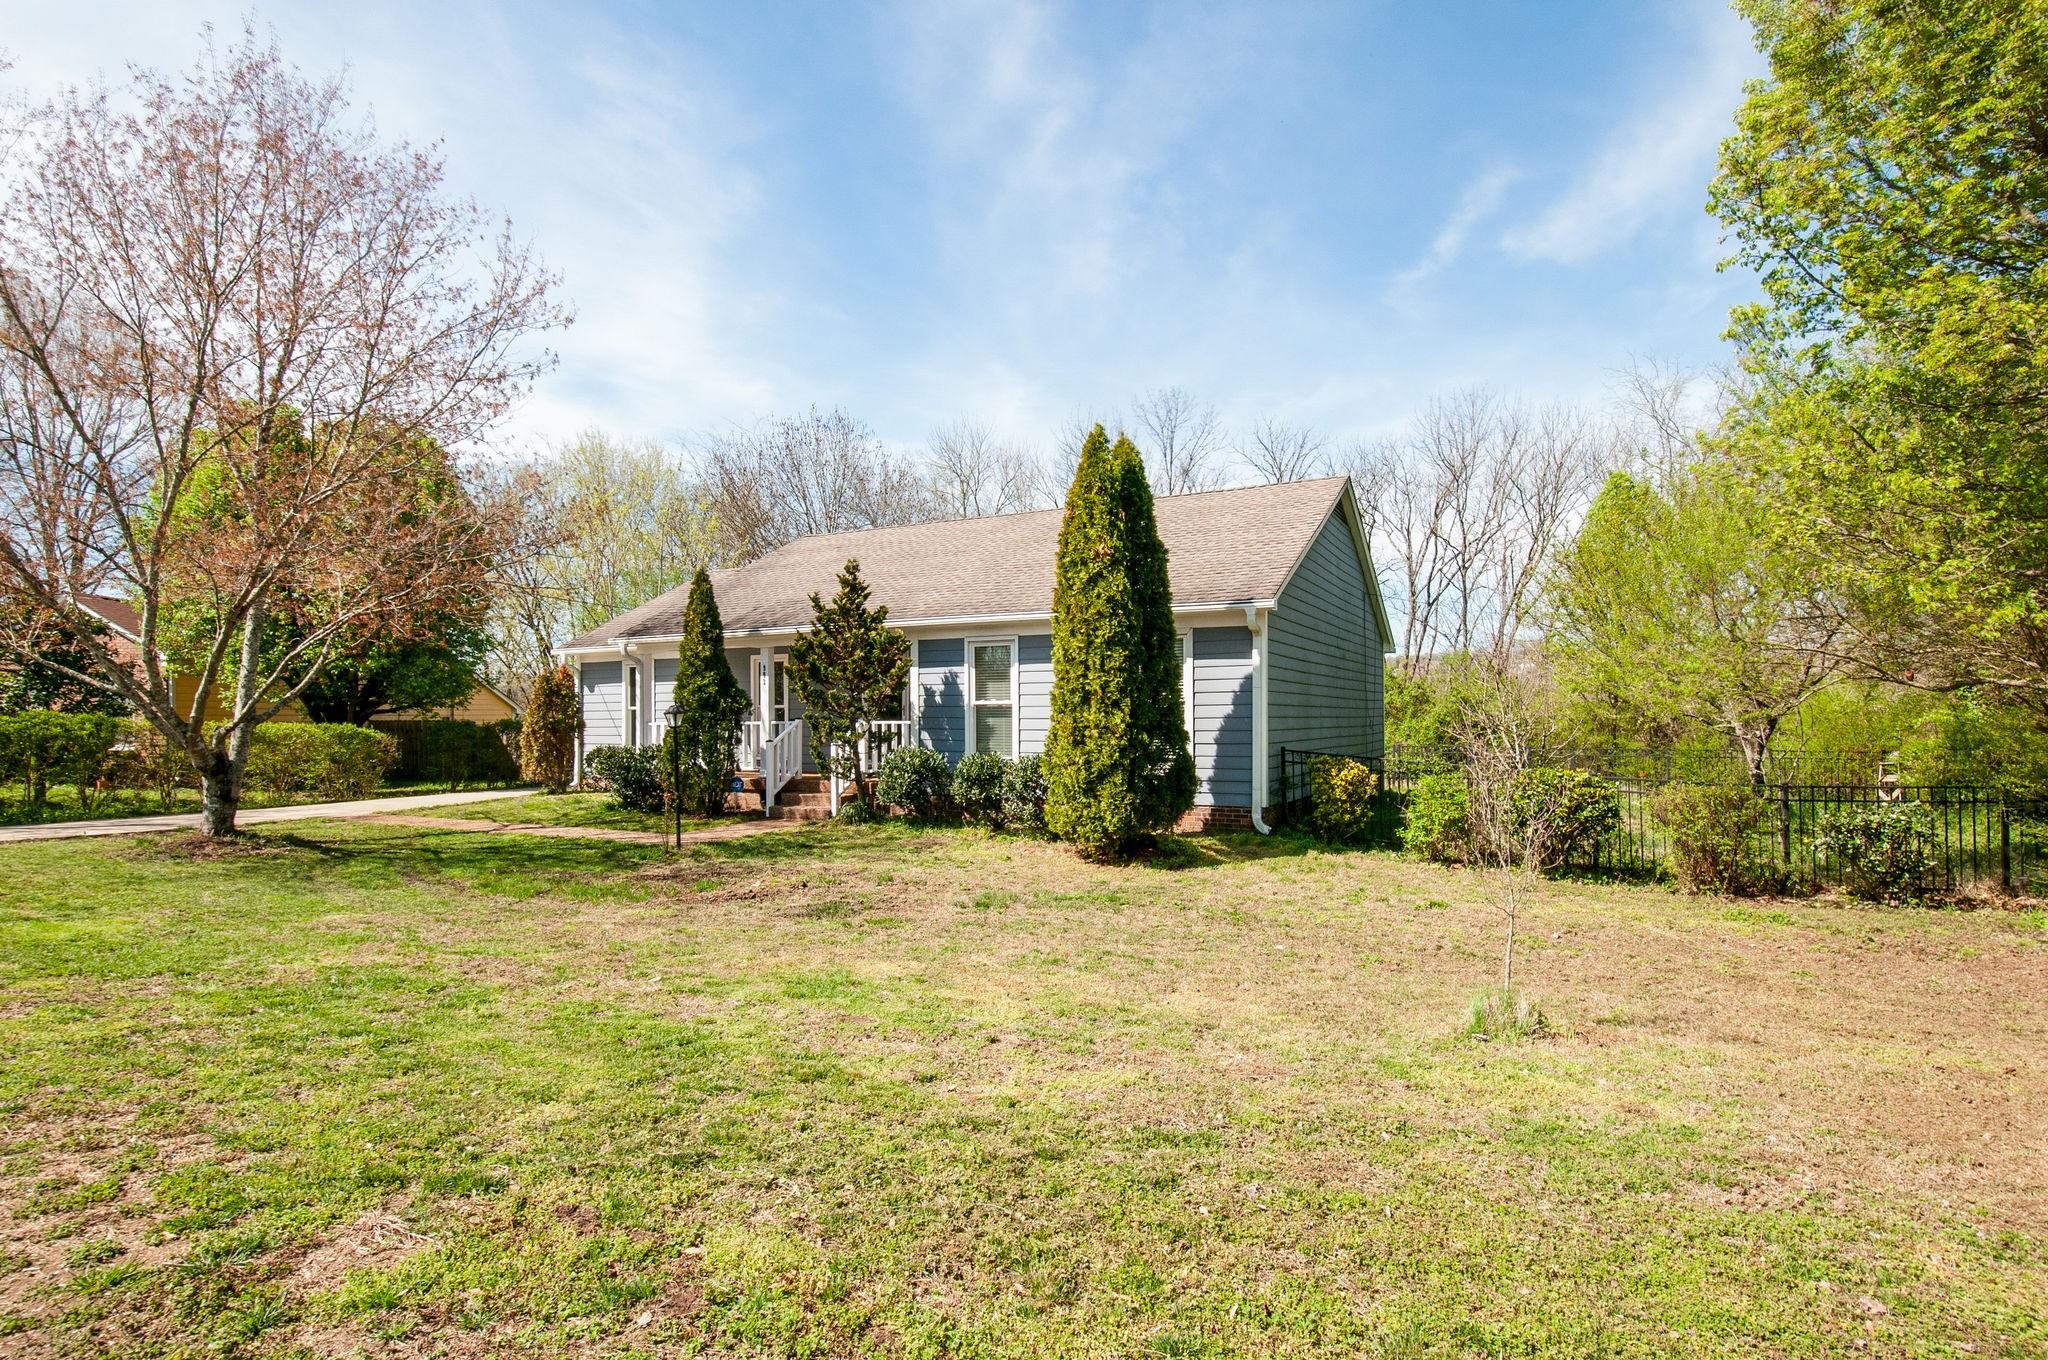 993 Harpeth Bend Dr, Nashville, TN 37221 - Nashville, TN real estate listing